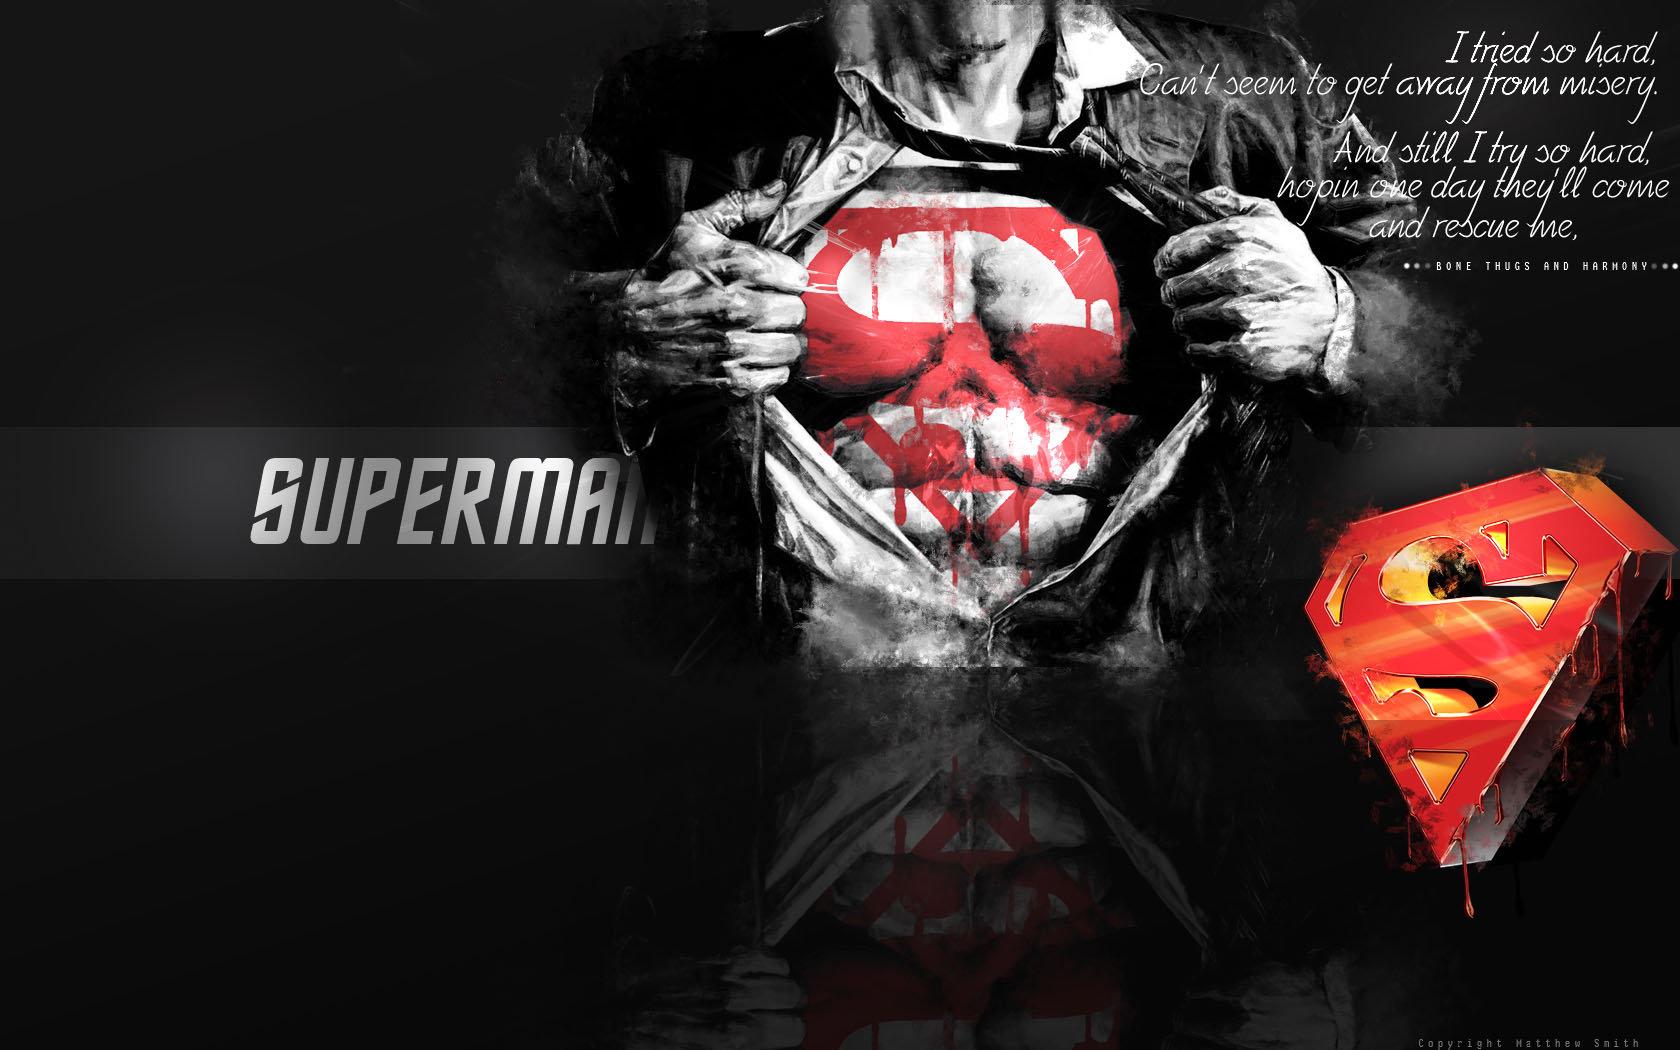 Superman Wallpaper by Unique2892 1680x1050